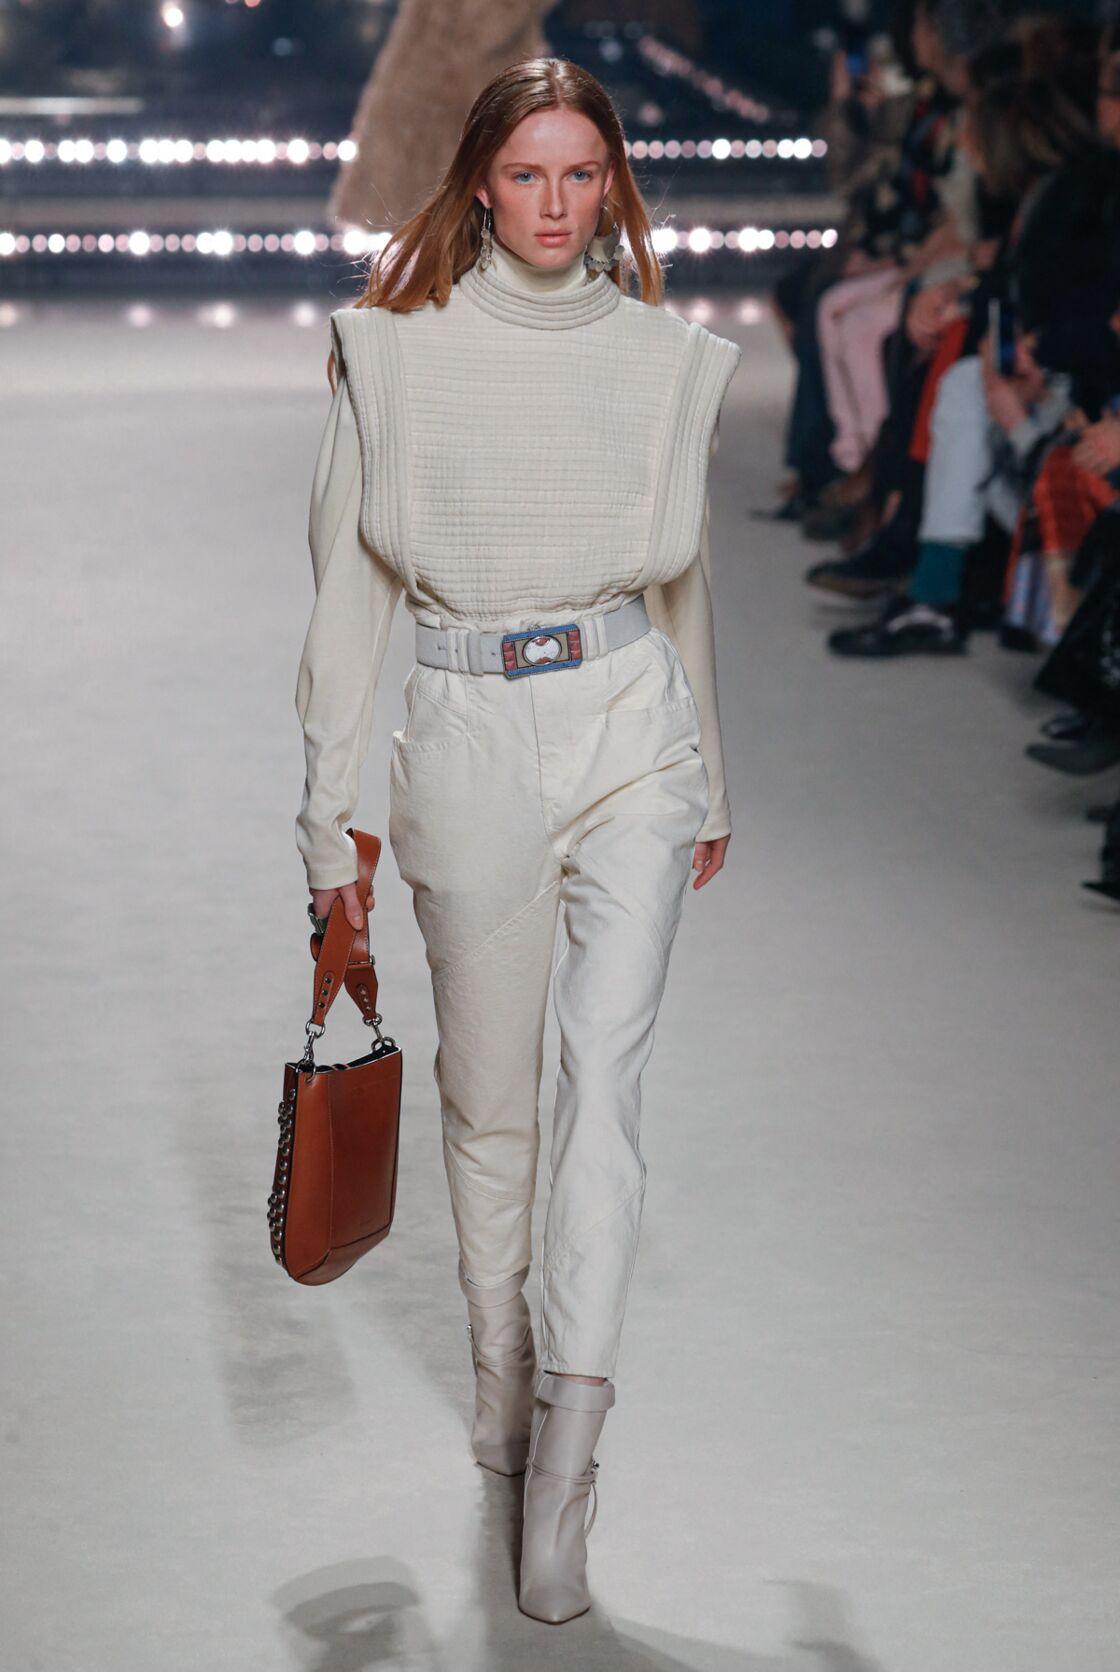 Isabel Marant imagine un pull sans manches élégant et épais à col rond cet Automne-Hiver 2020-2021